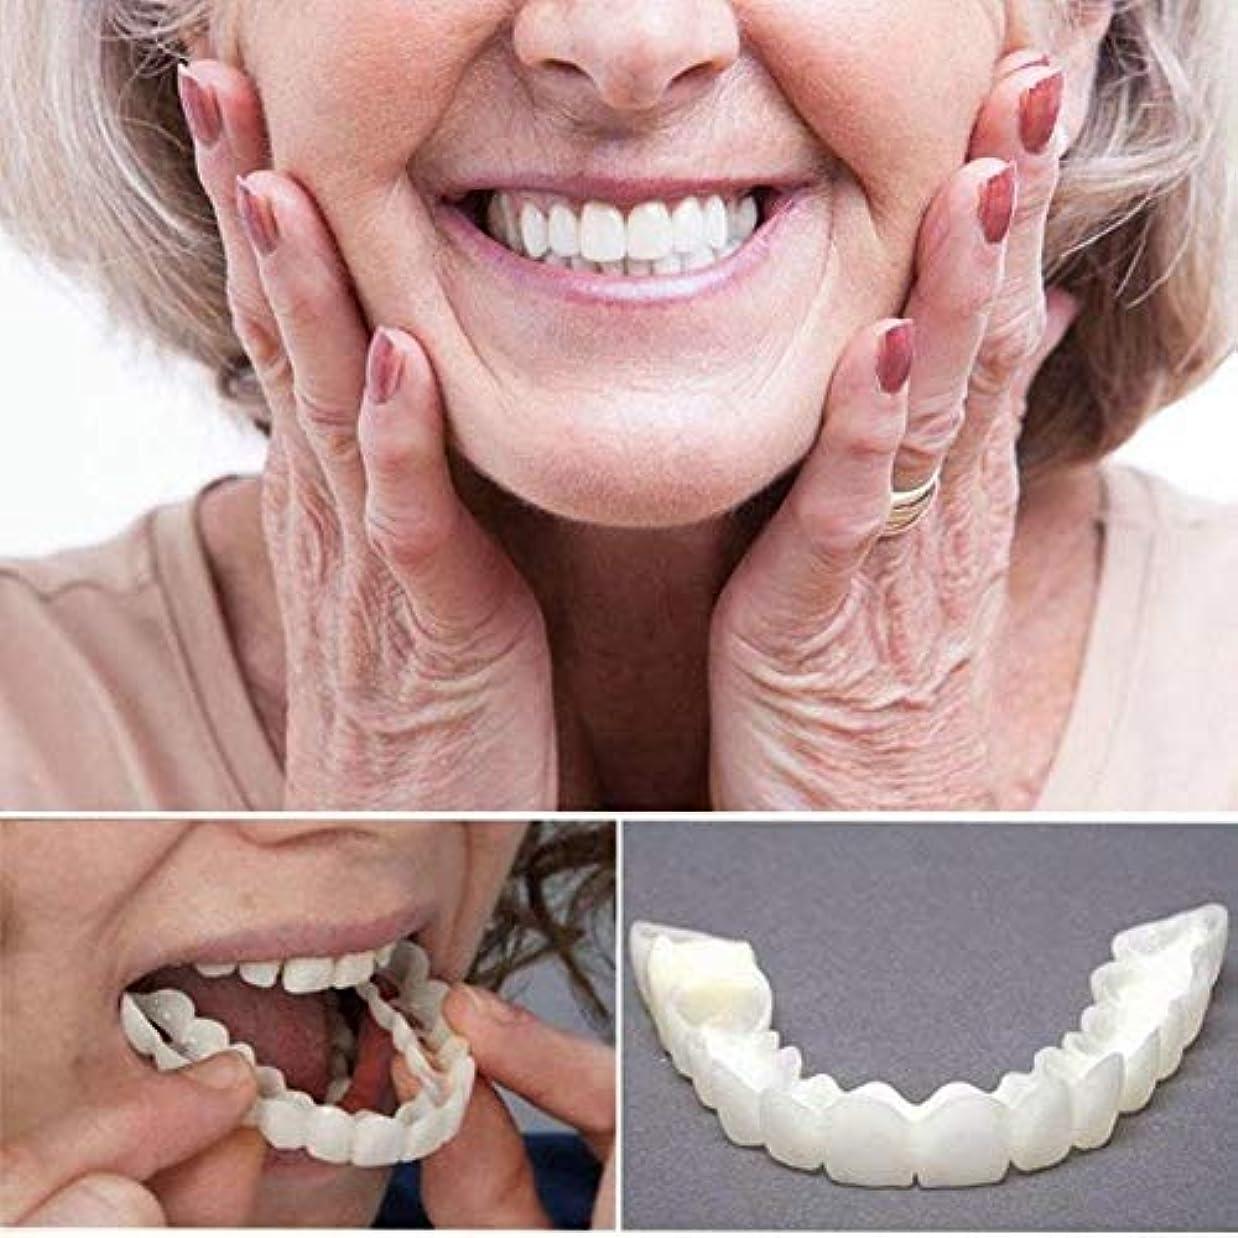 魅力ヒゲクジラ韻化粧品の歯、白い歯をきれいにするためのコンフォートフィットフレックスティースソケット、スーパーコンフォート、コンフォートフィット、1セット.